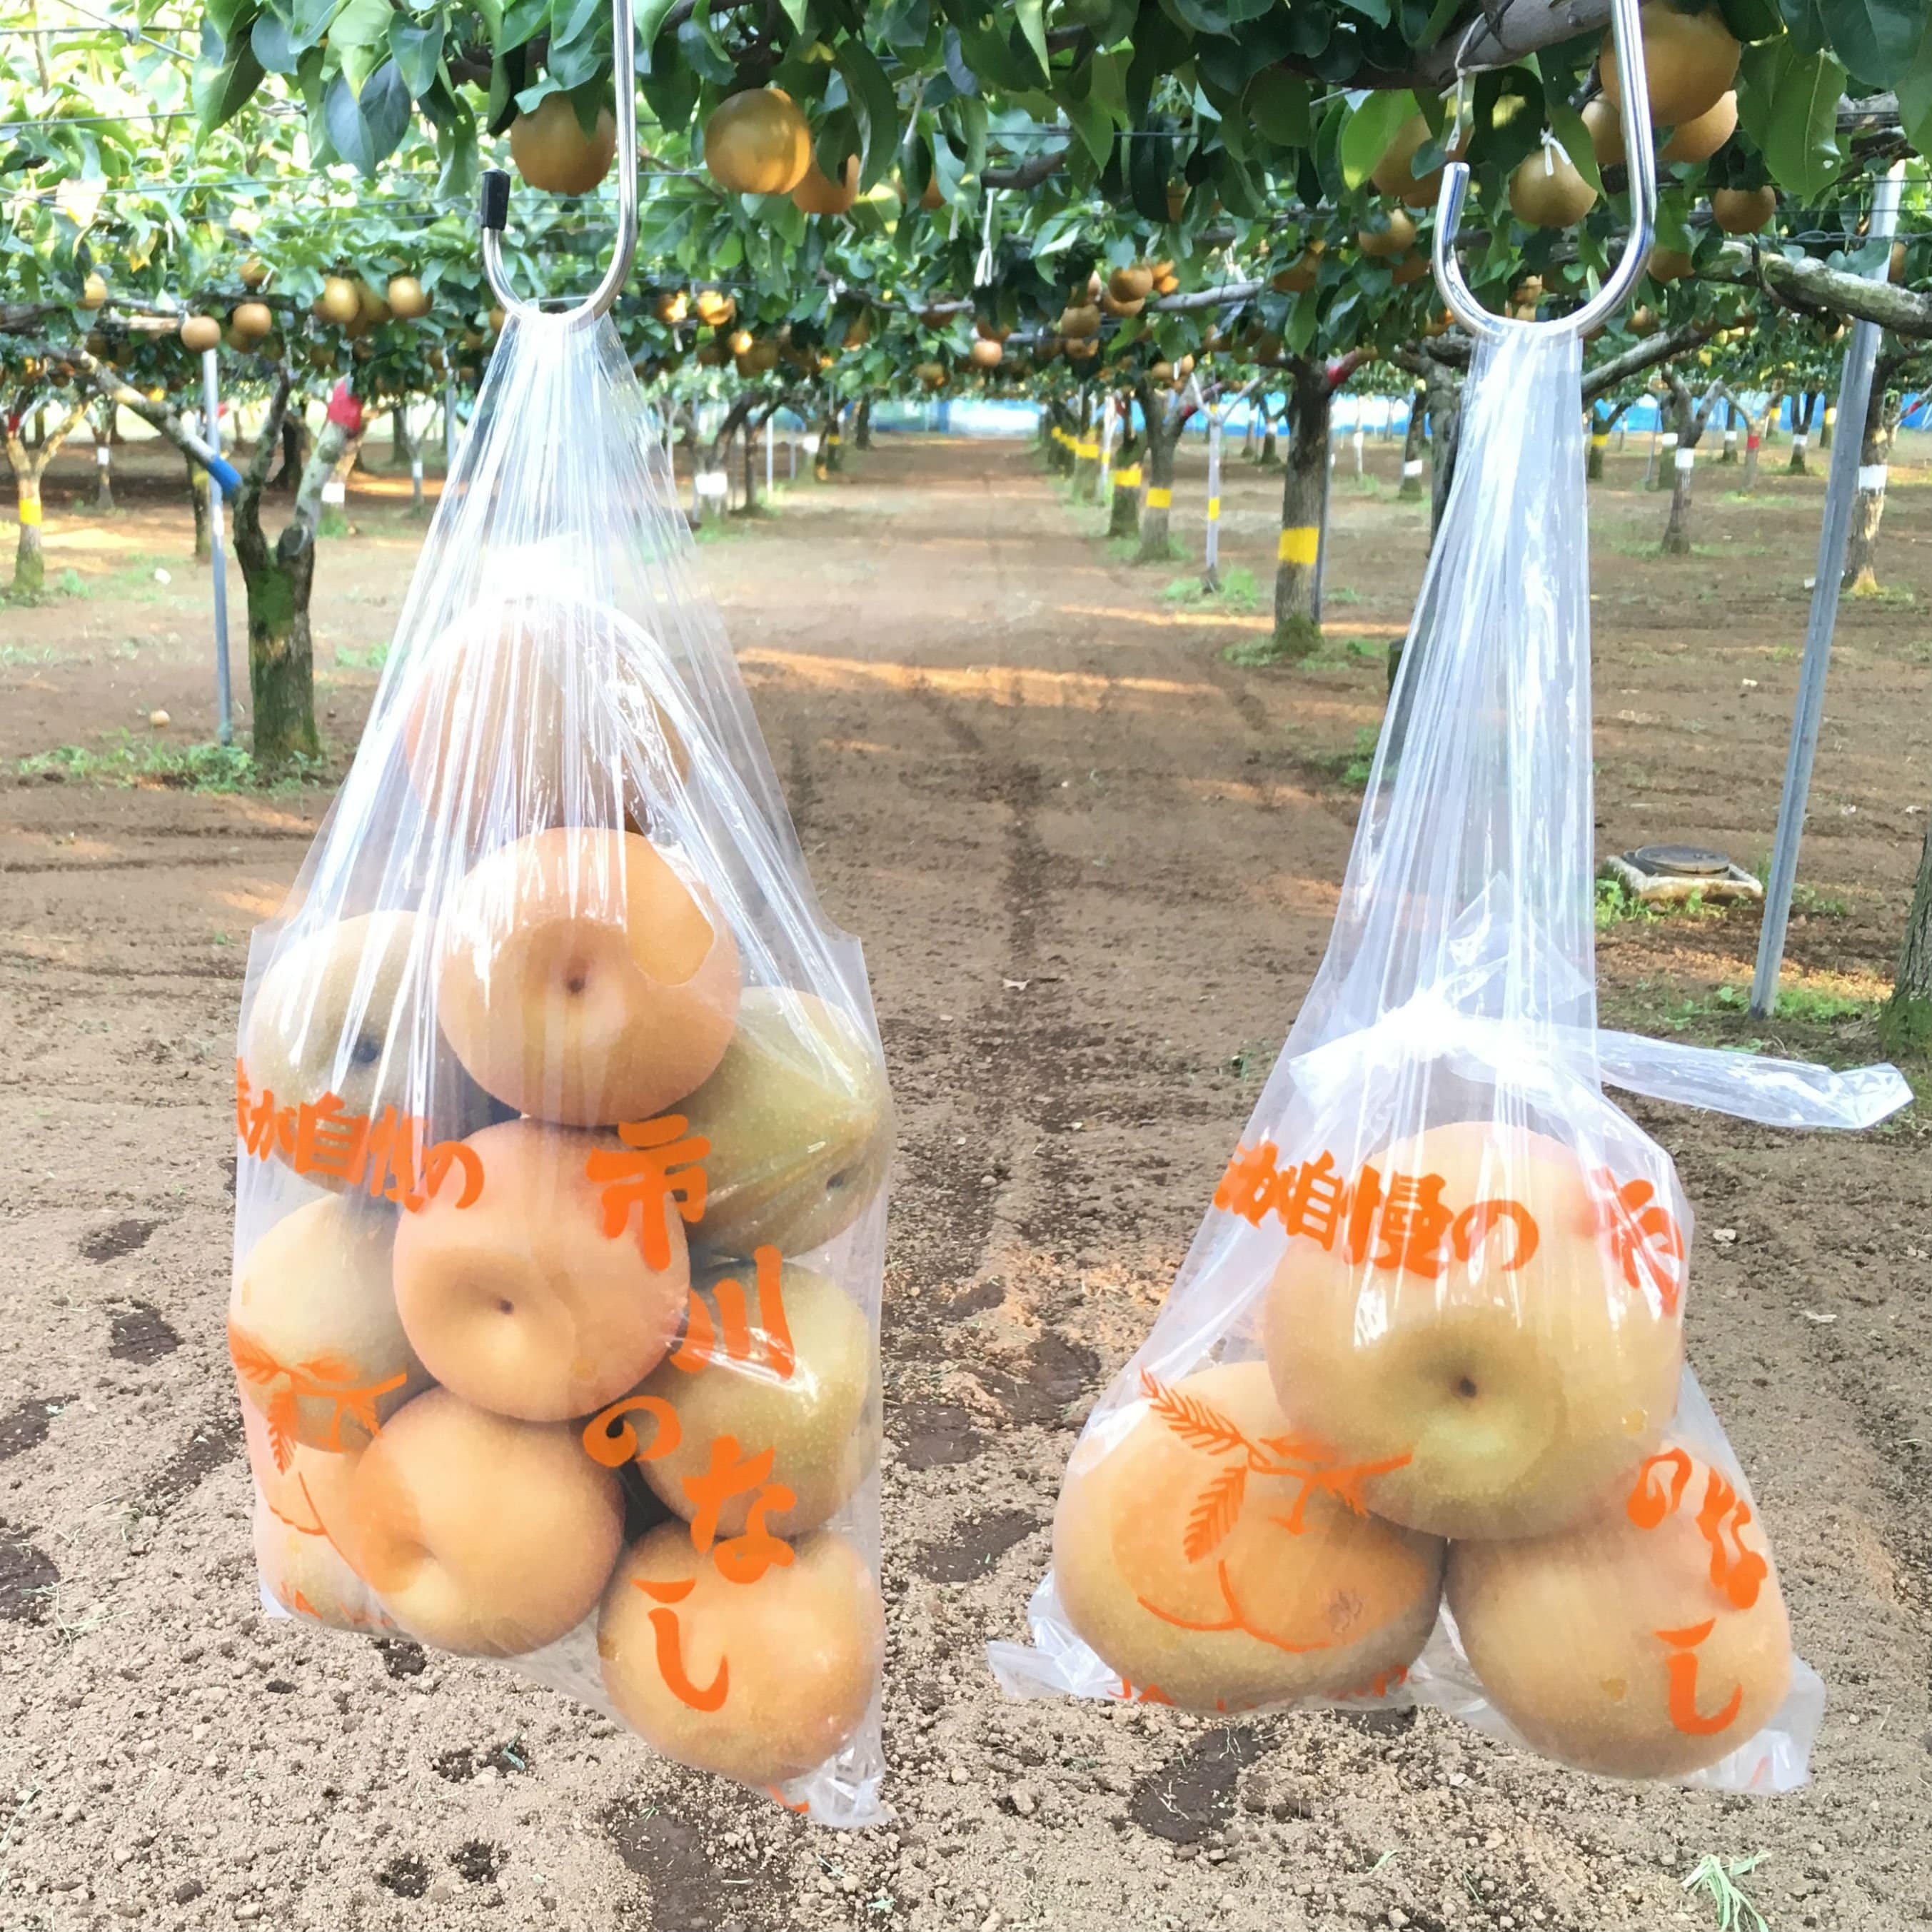 〜梨狩り体験〜 旬の梨をご自身で収穫してみてください♪ 梨狩り袋(約4㎏前後)&お持ち帰り梨袋(約2㎏)セットのイメージその1